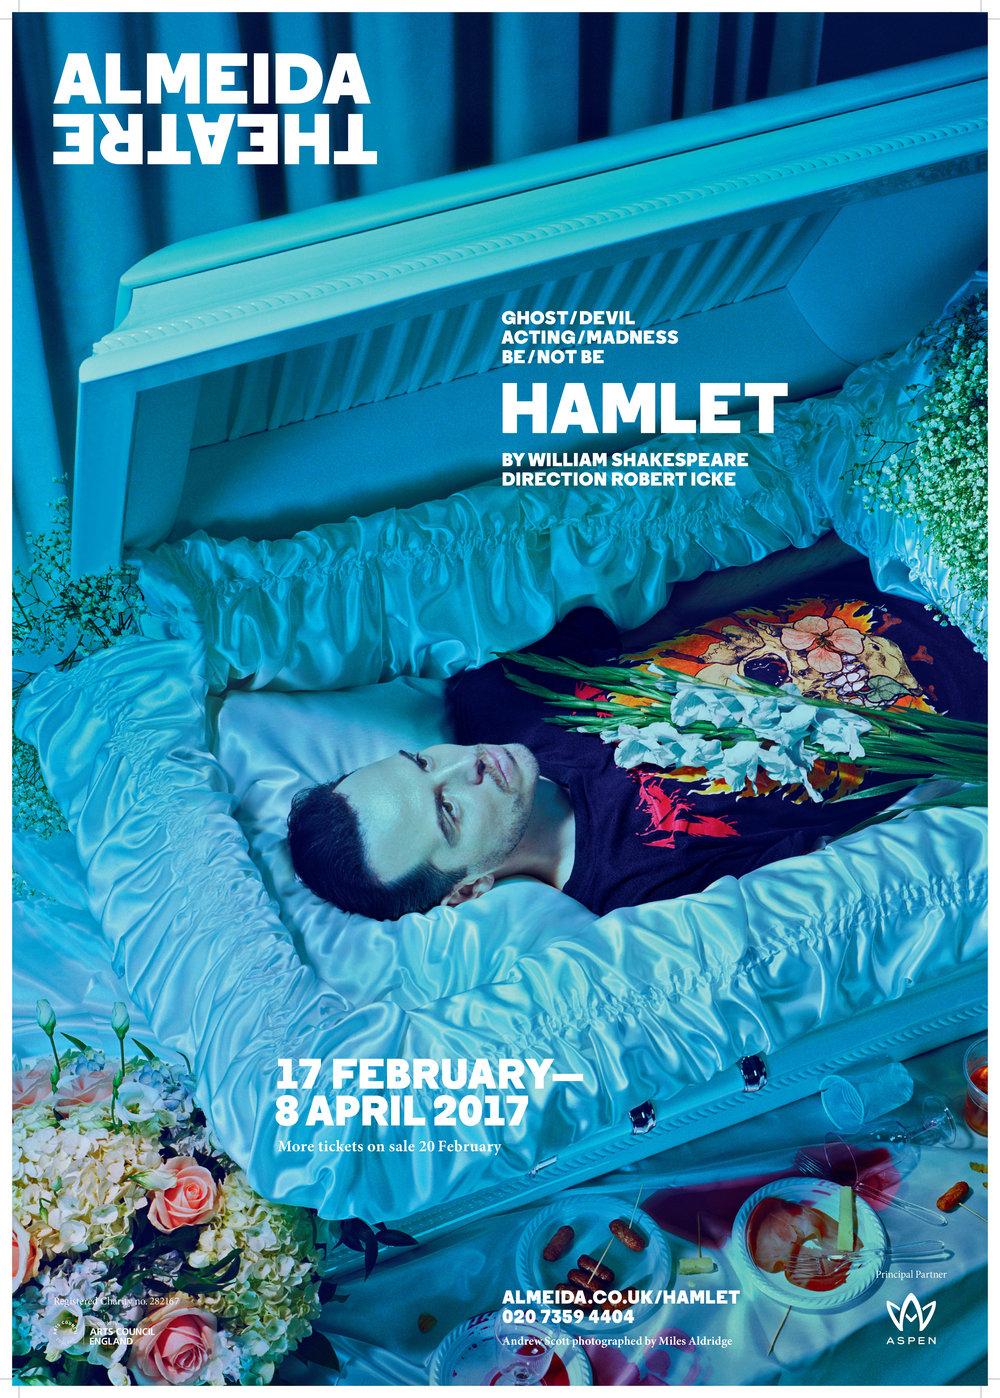 Almeida Hamlet poster.jpg